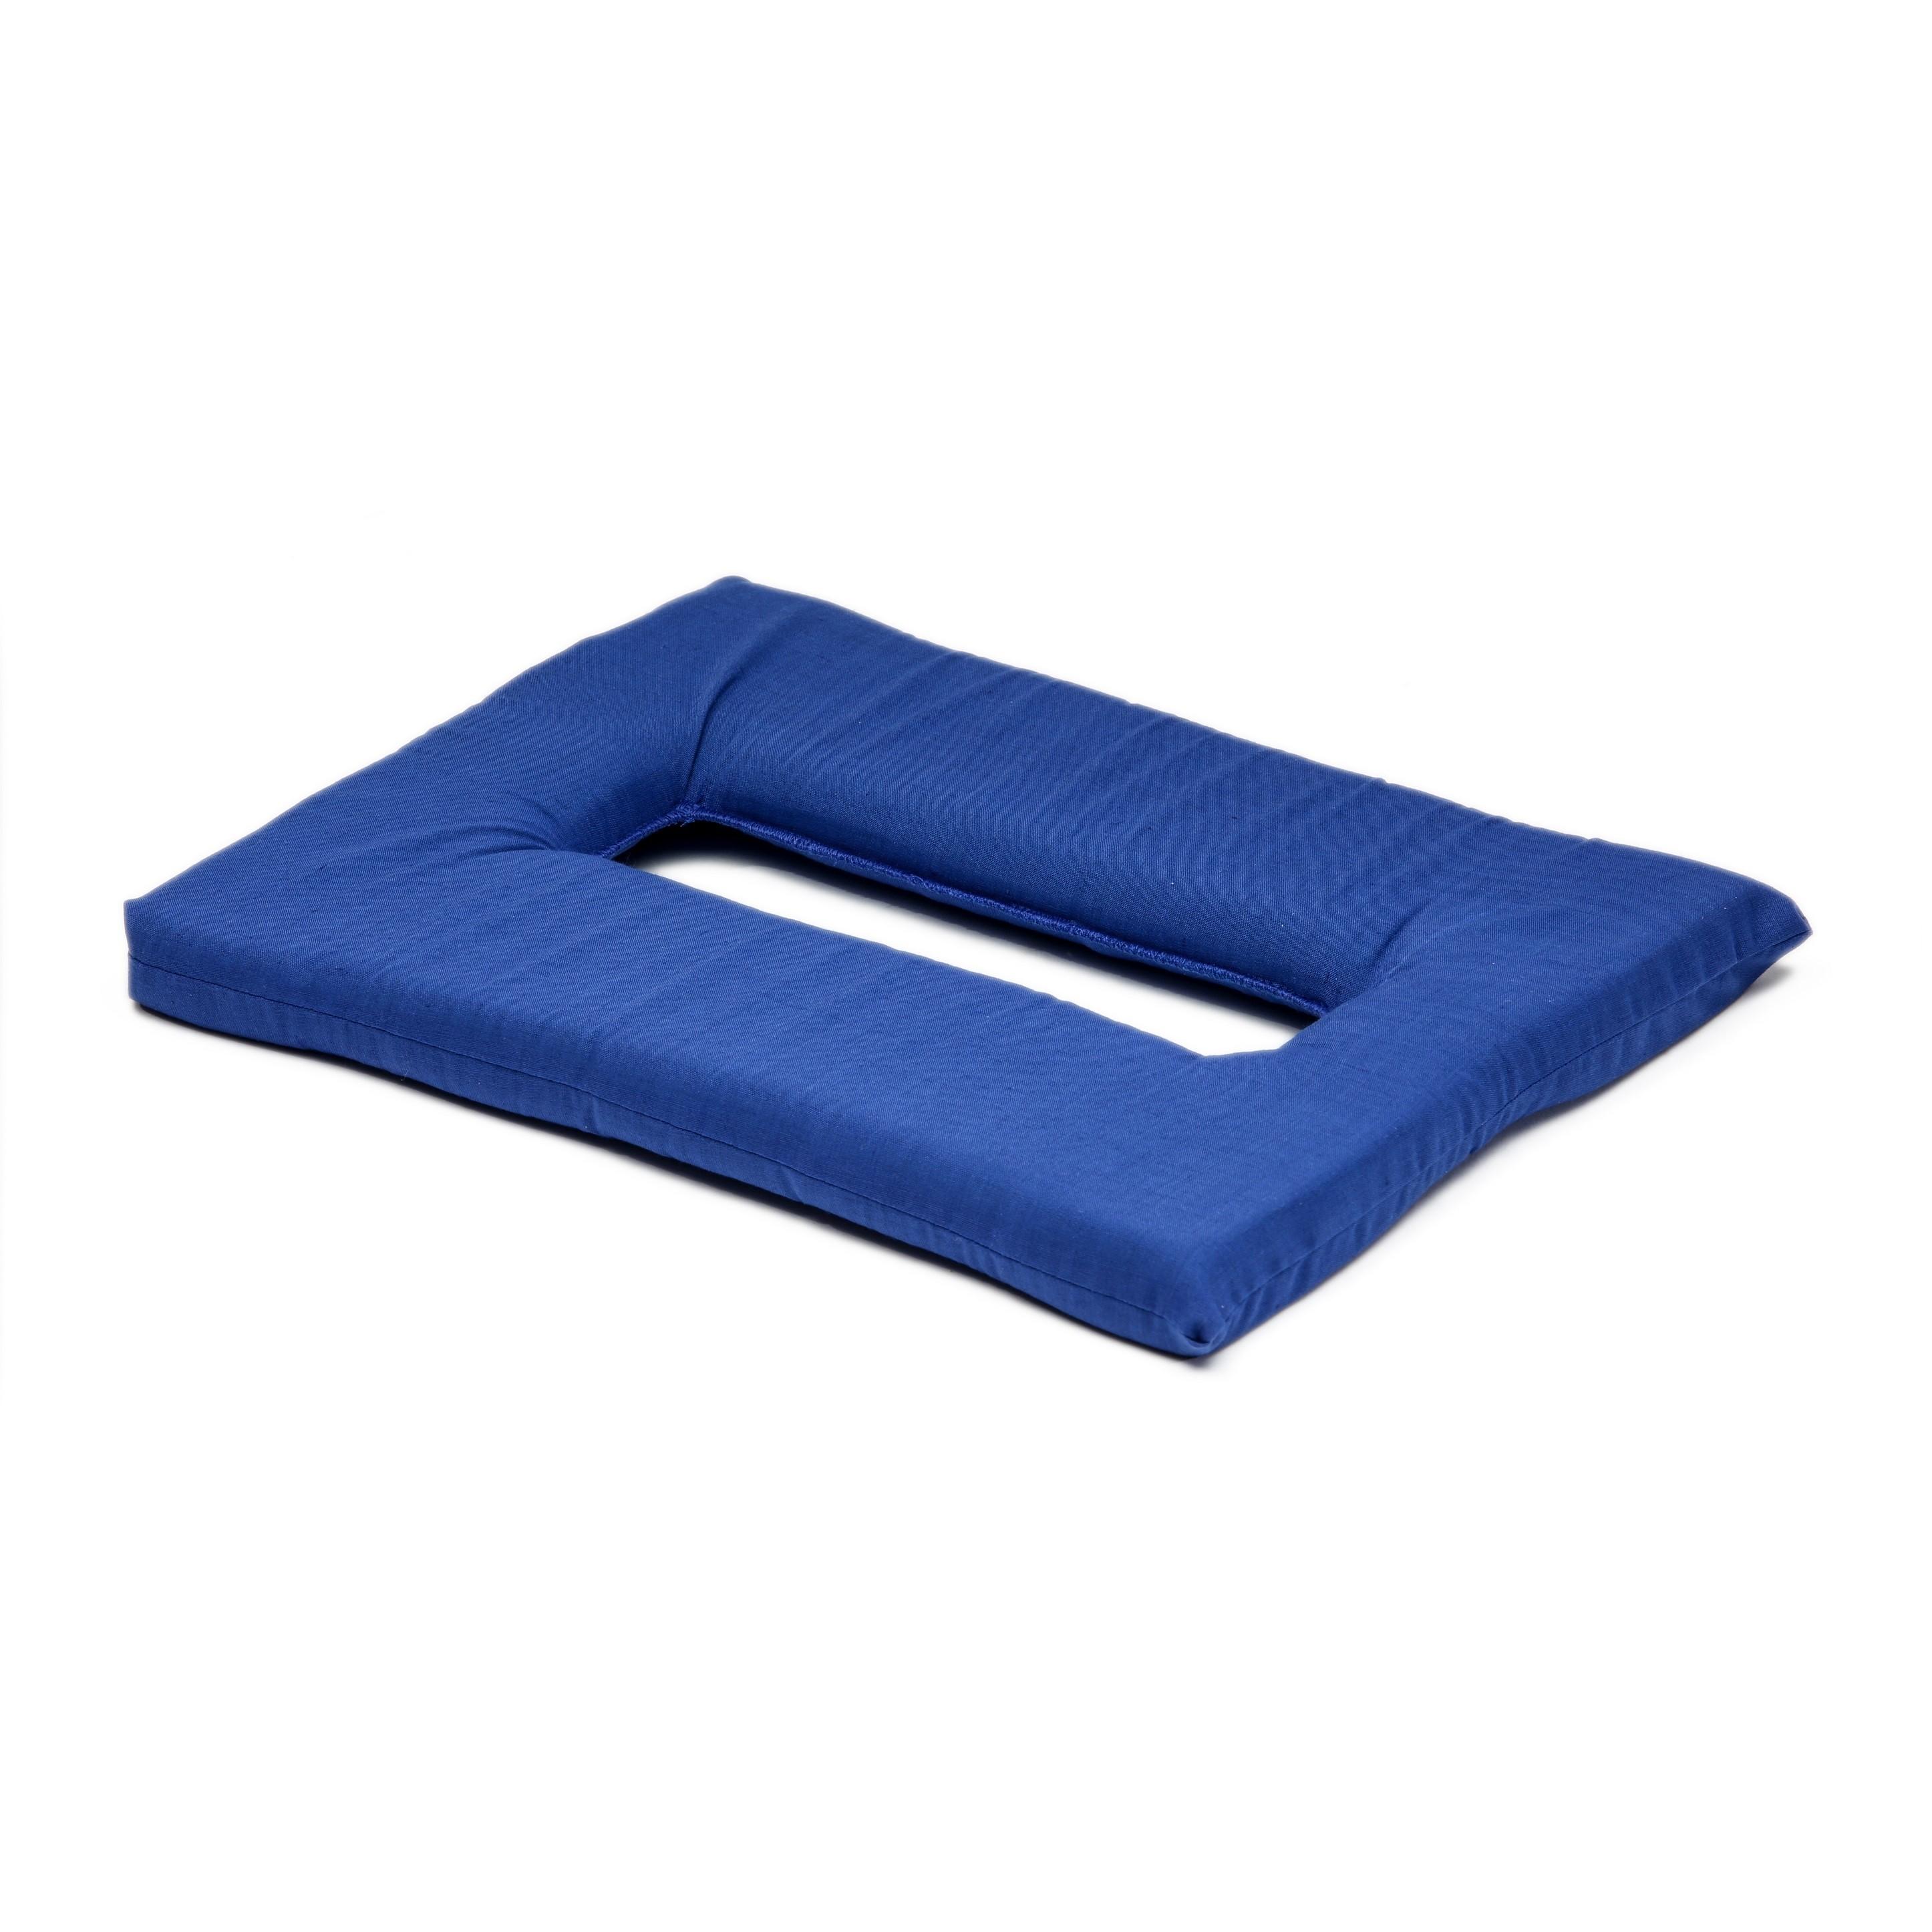 05.Face Rest Pillow